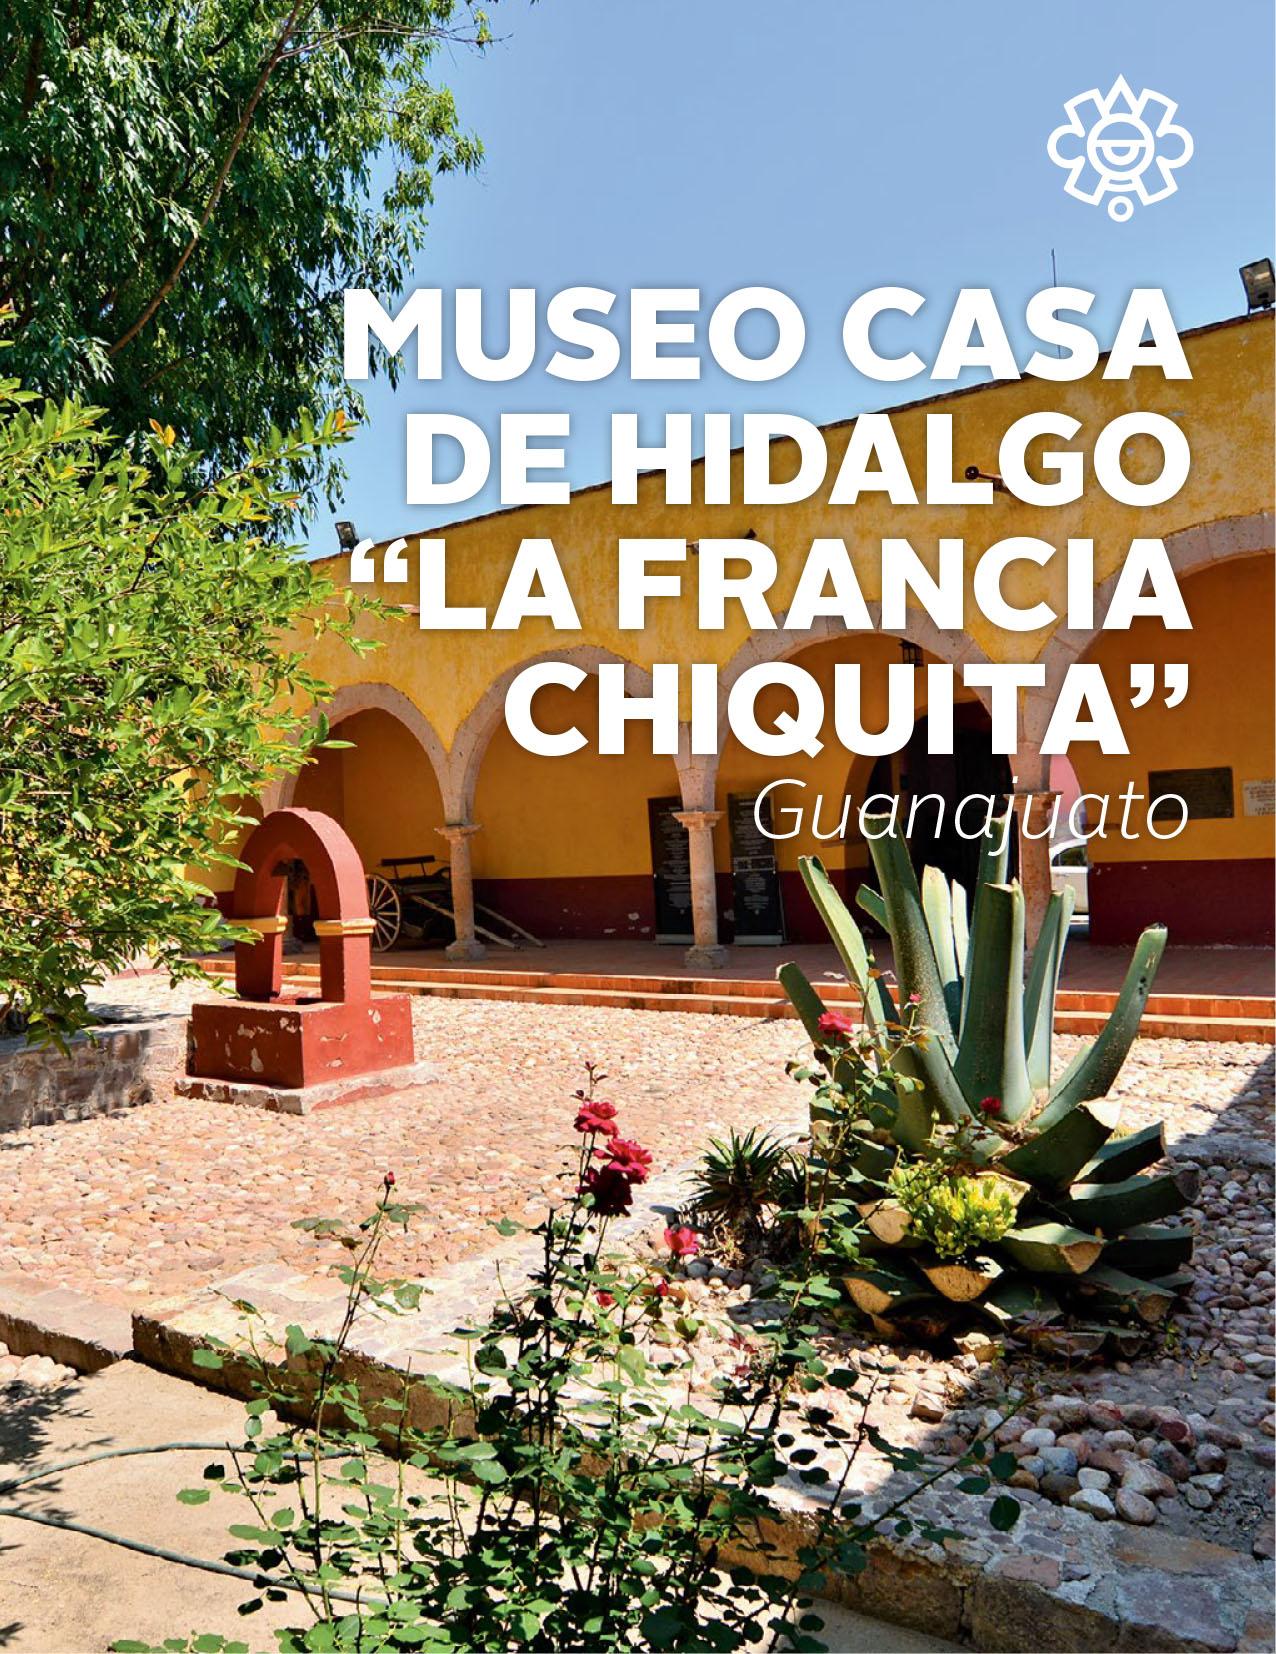 """Museo Casa de Hidalgo """"La Francia Chiquita"""""""